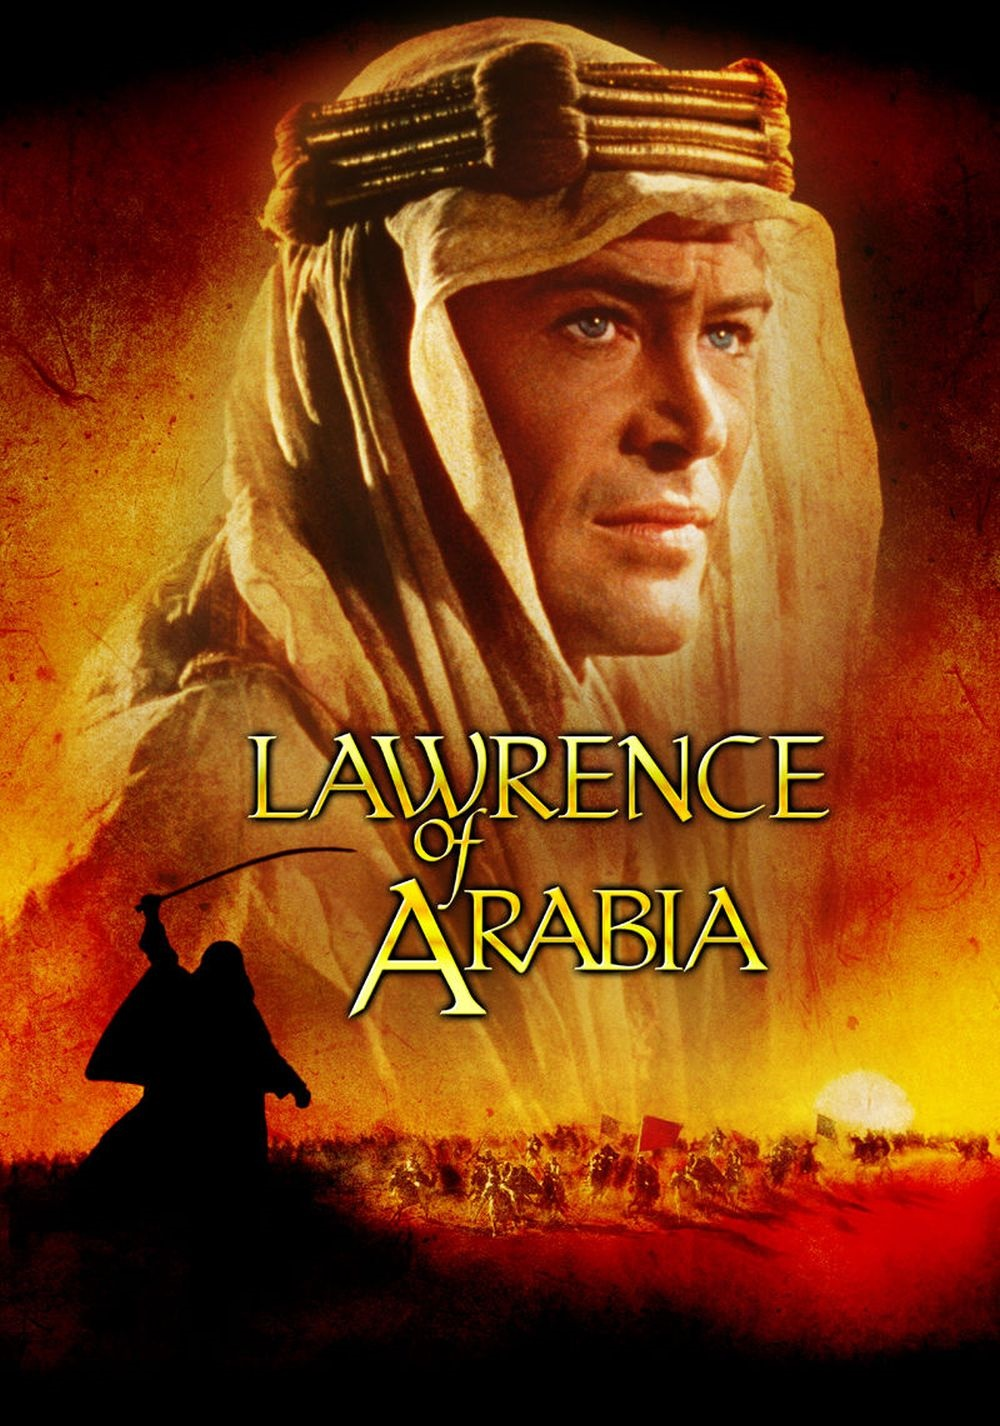 lawrence-of-arabia-56682012772df.jpg